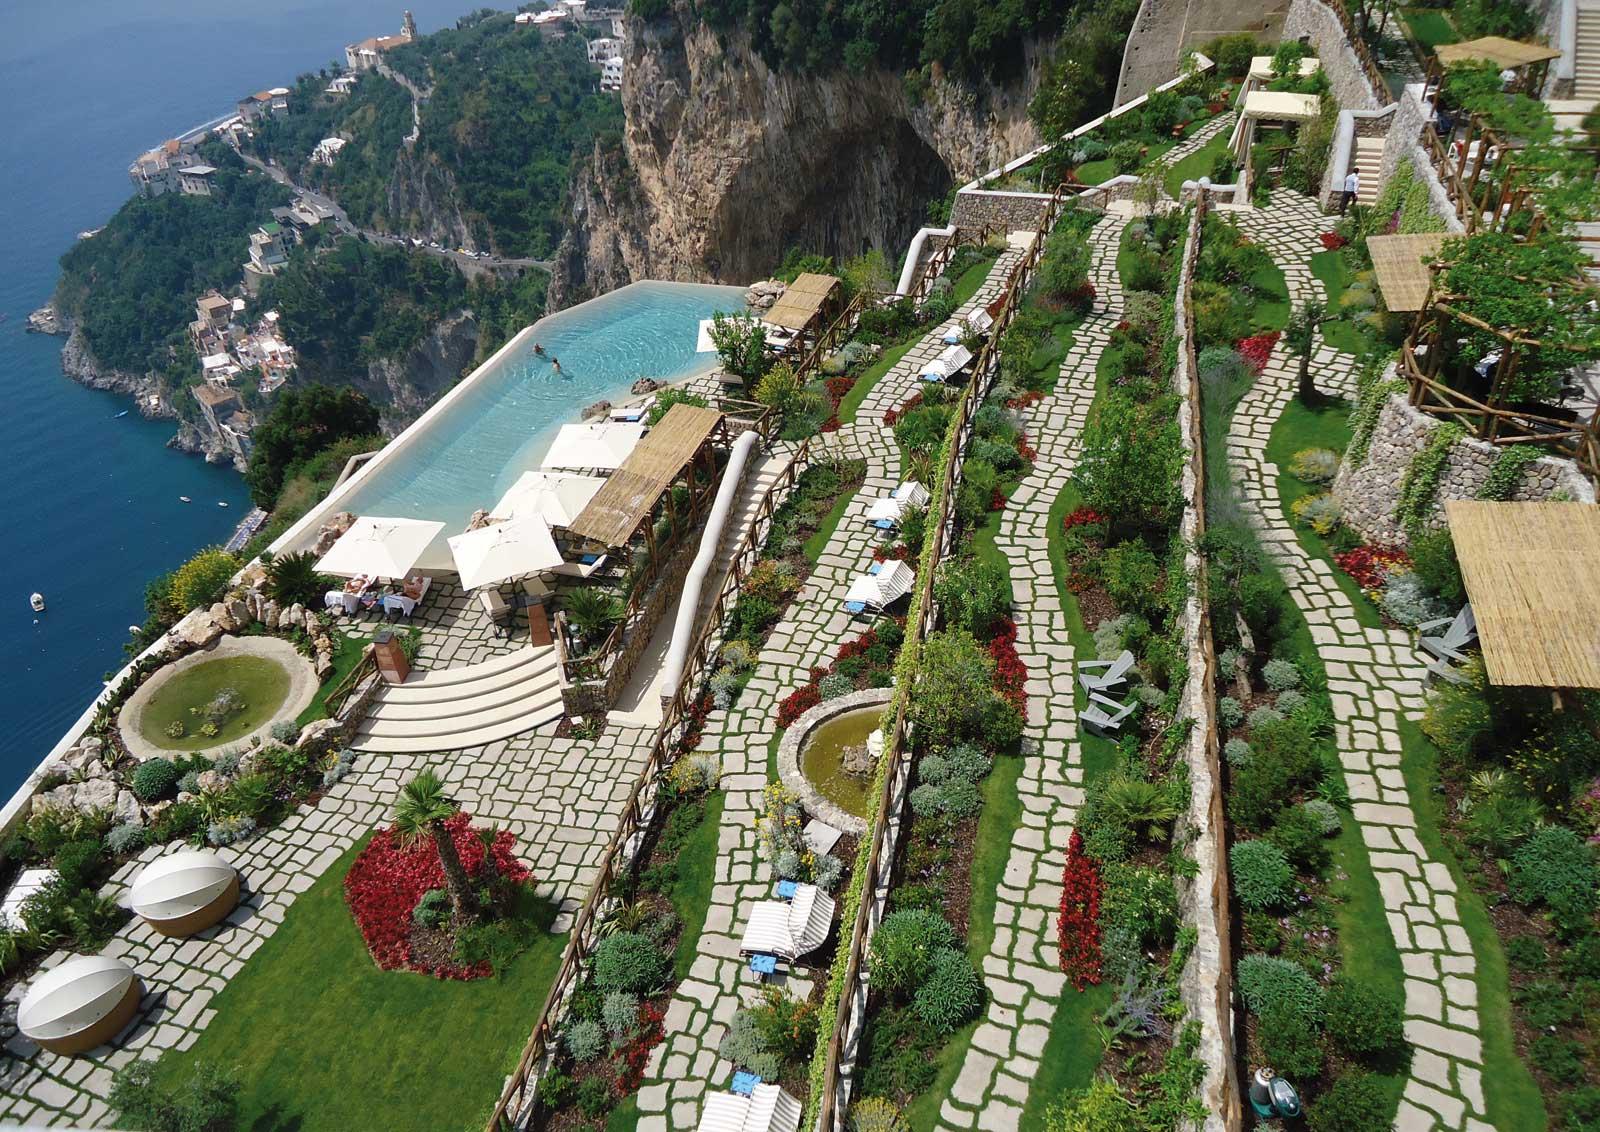 hotel-santa-rosa-piscina-e-giardini